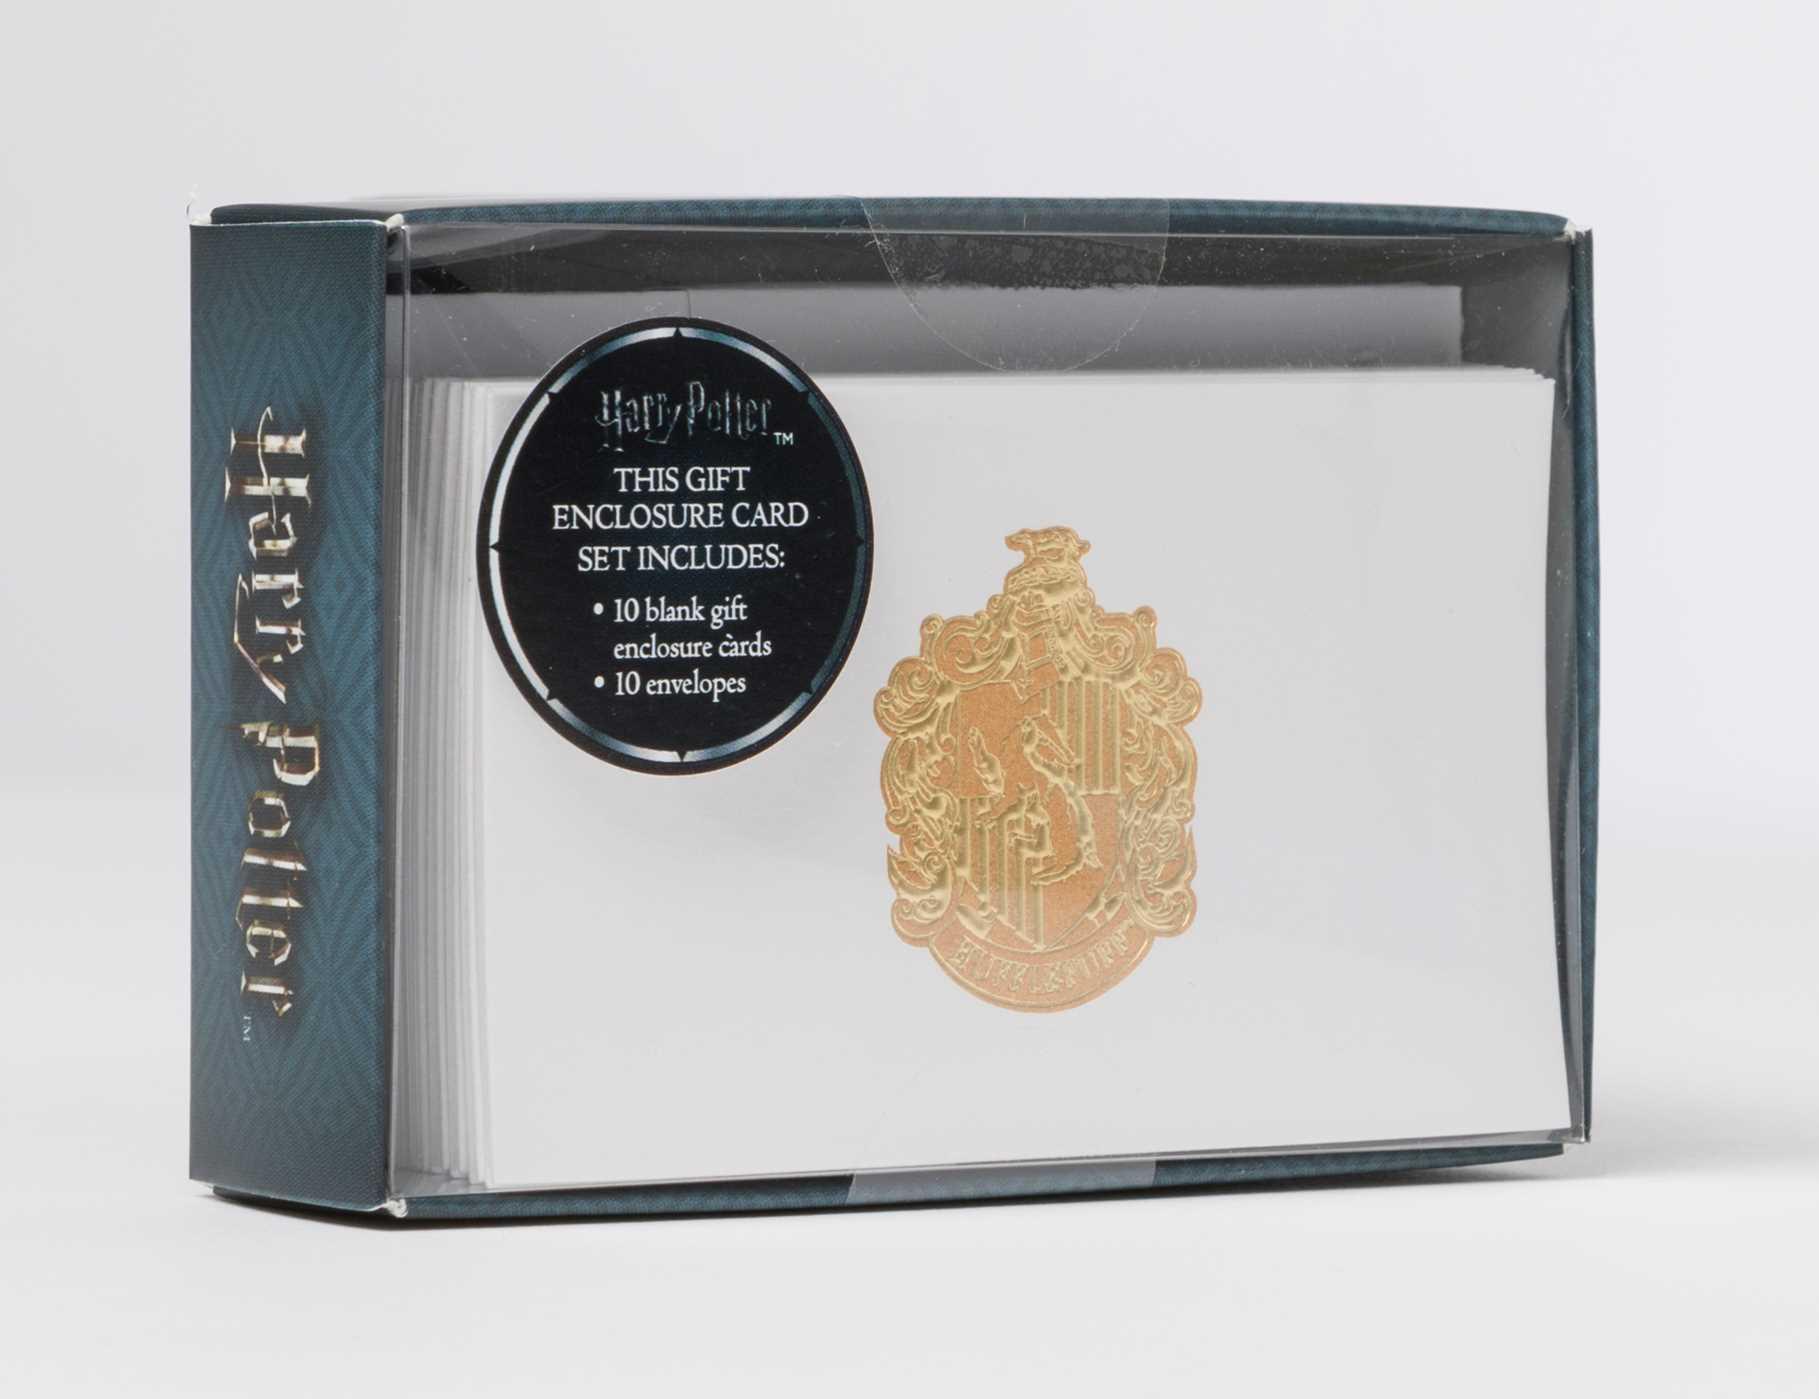 Harry potter hufflepuff crest foil gift enclosure cards set of 10 9781683832560 hr